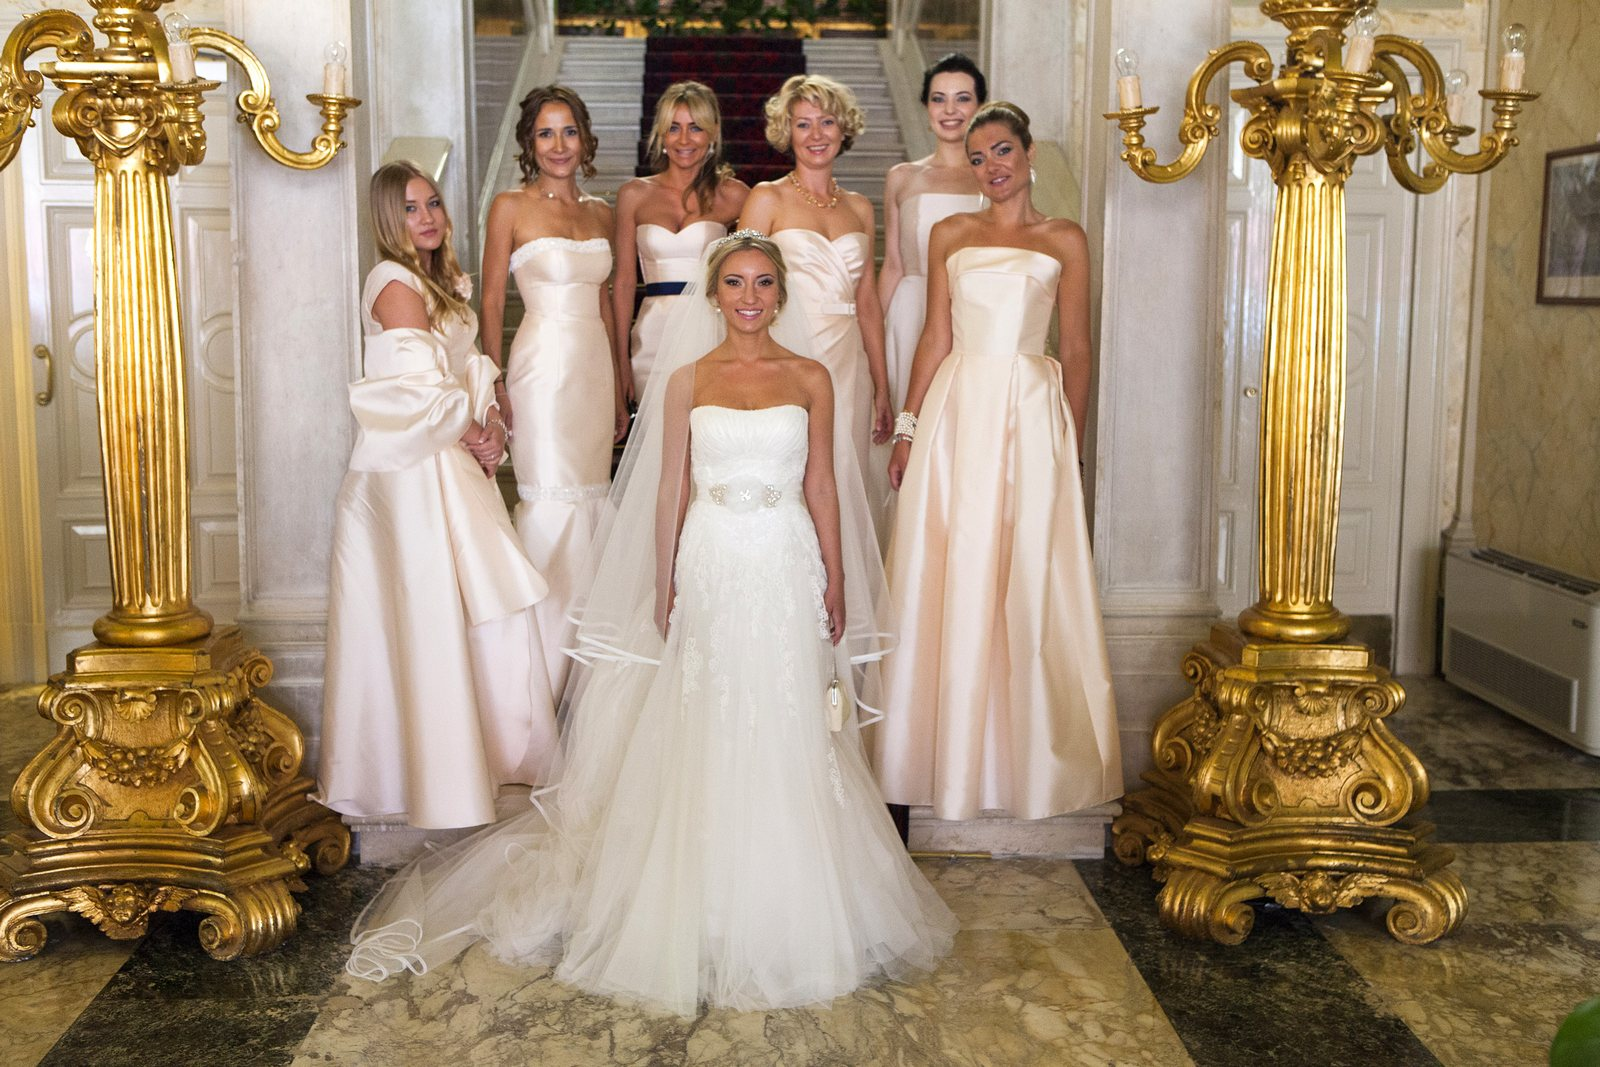 The bride in VIlla Serbelloni